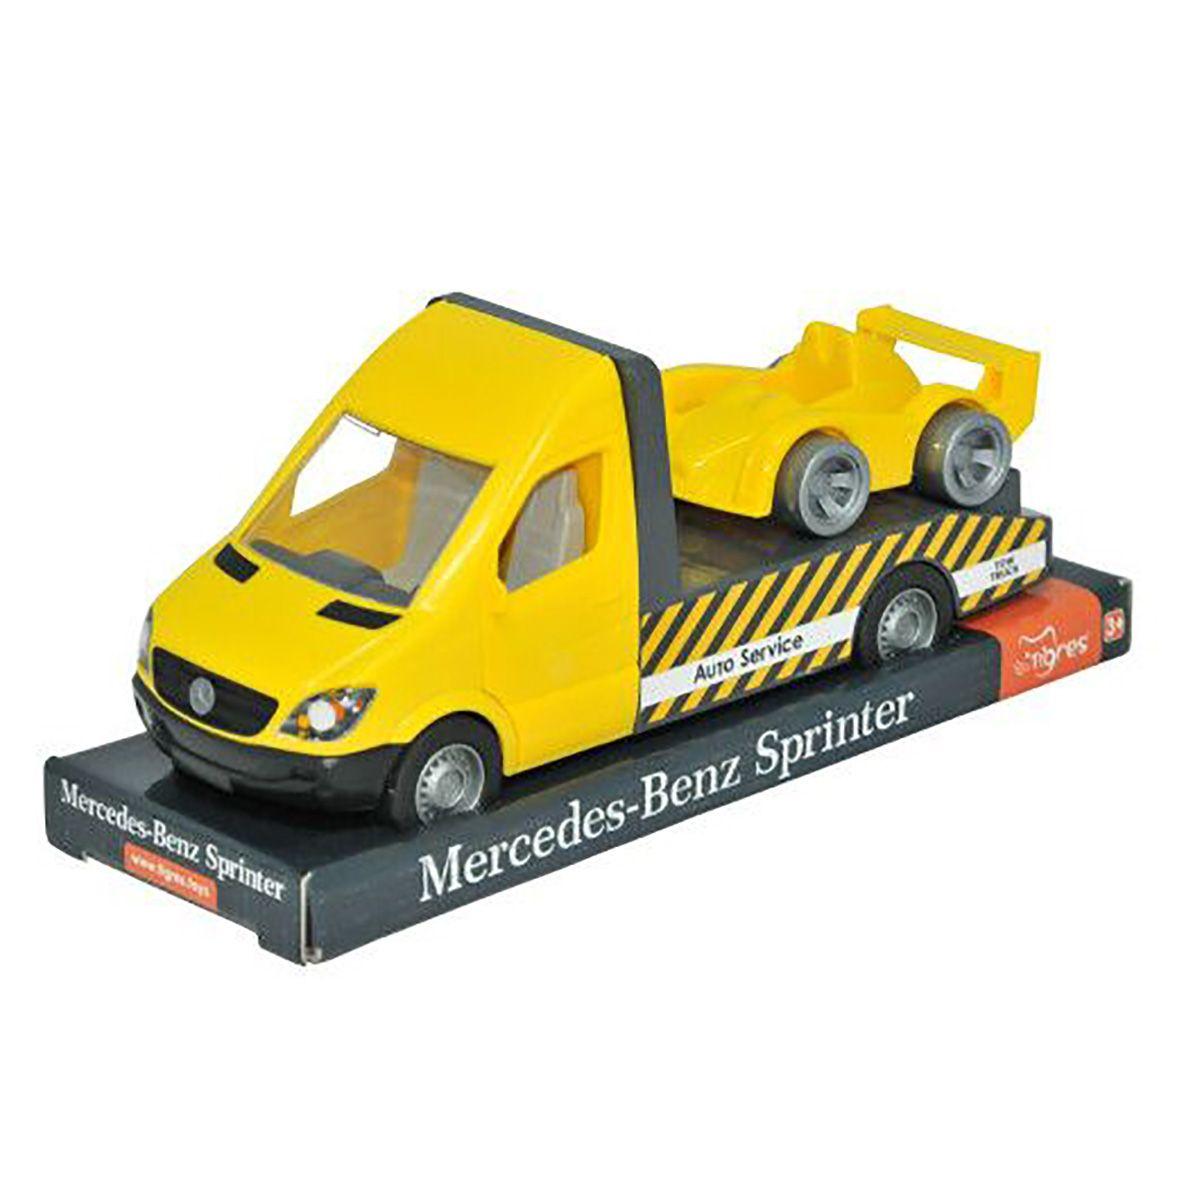 Автомобиль Mercedes Sprinter - Эвакуатор, желтый